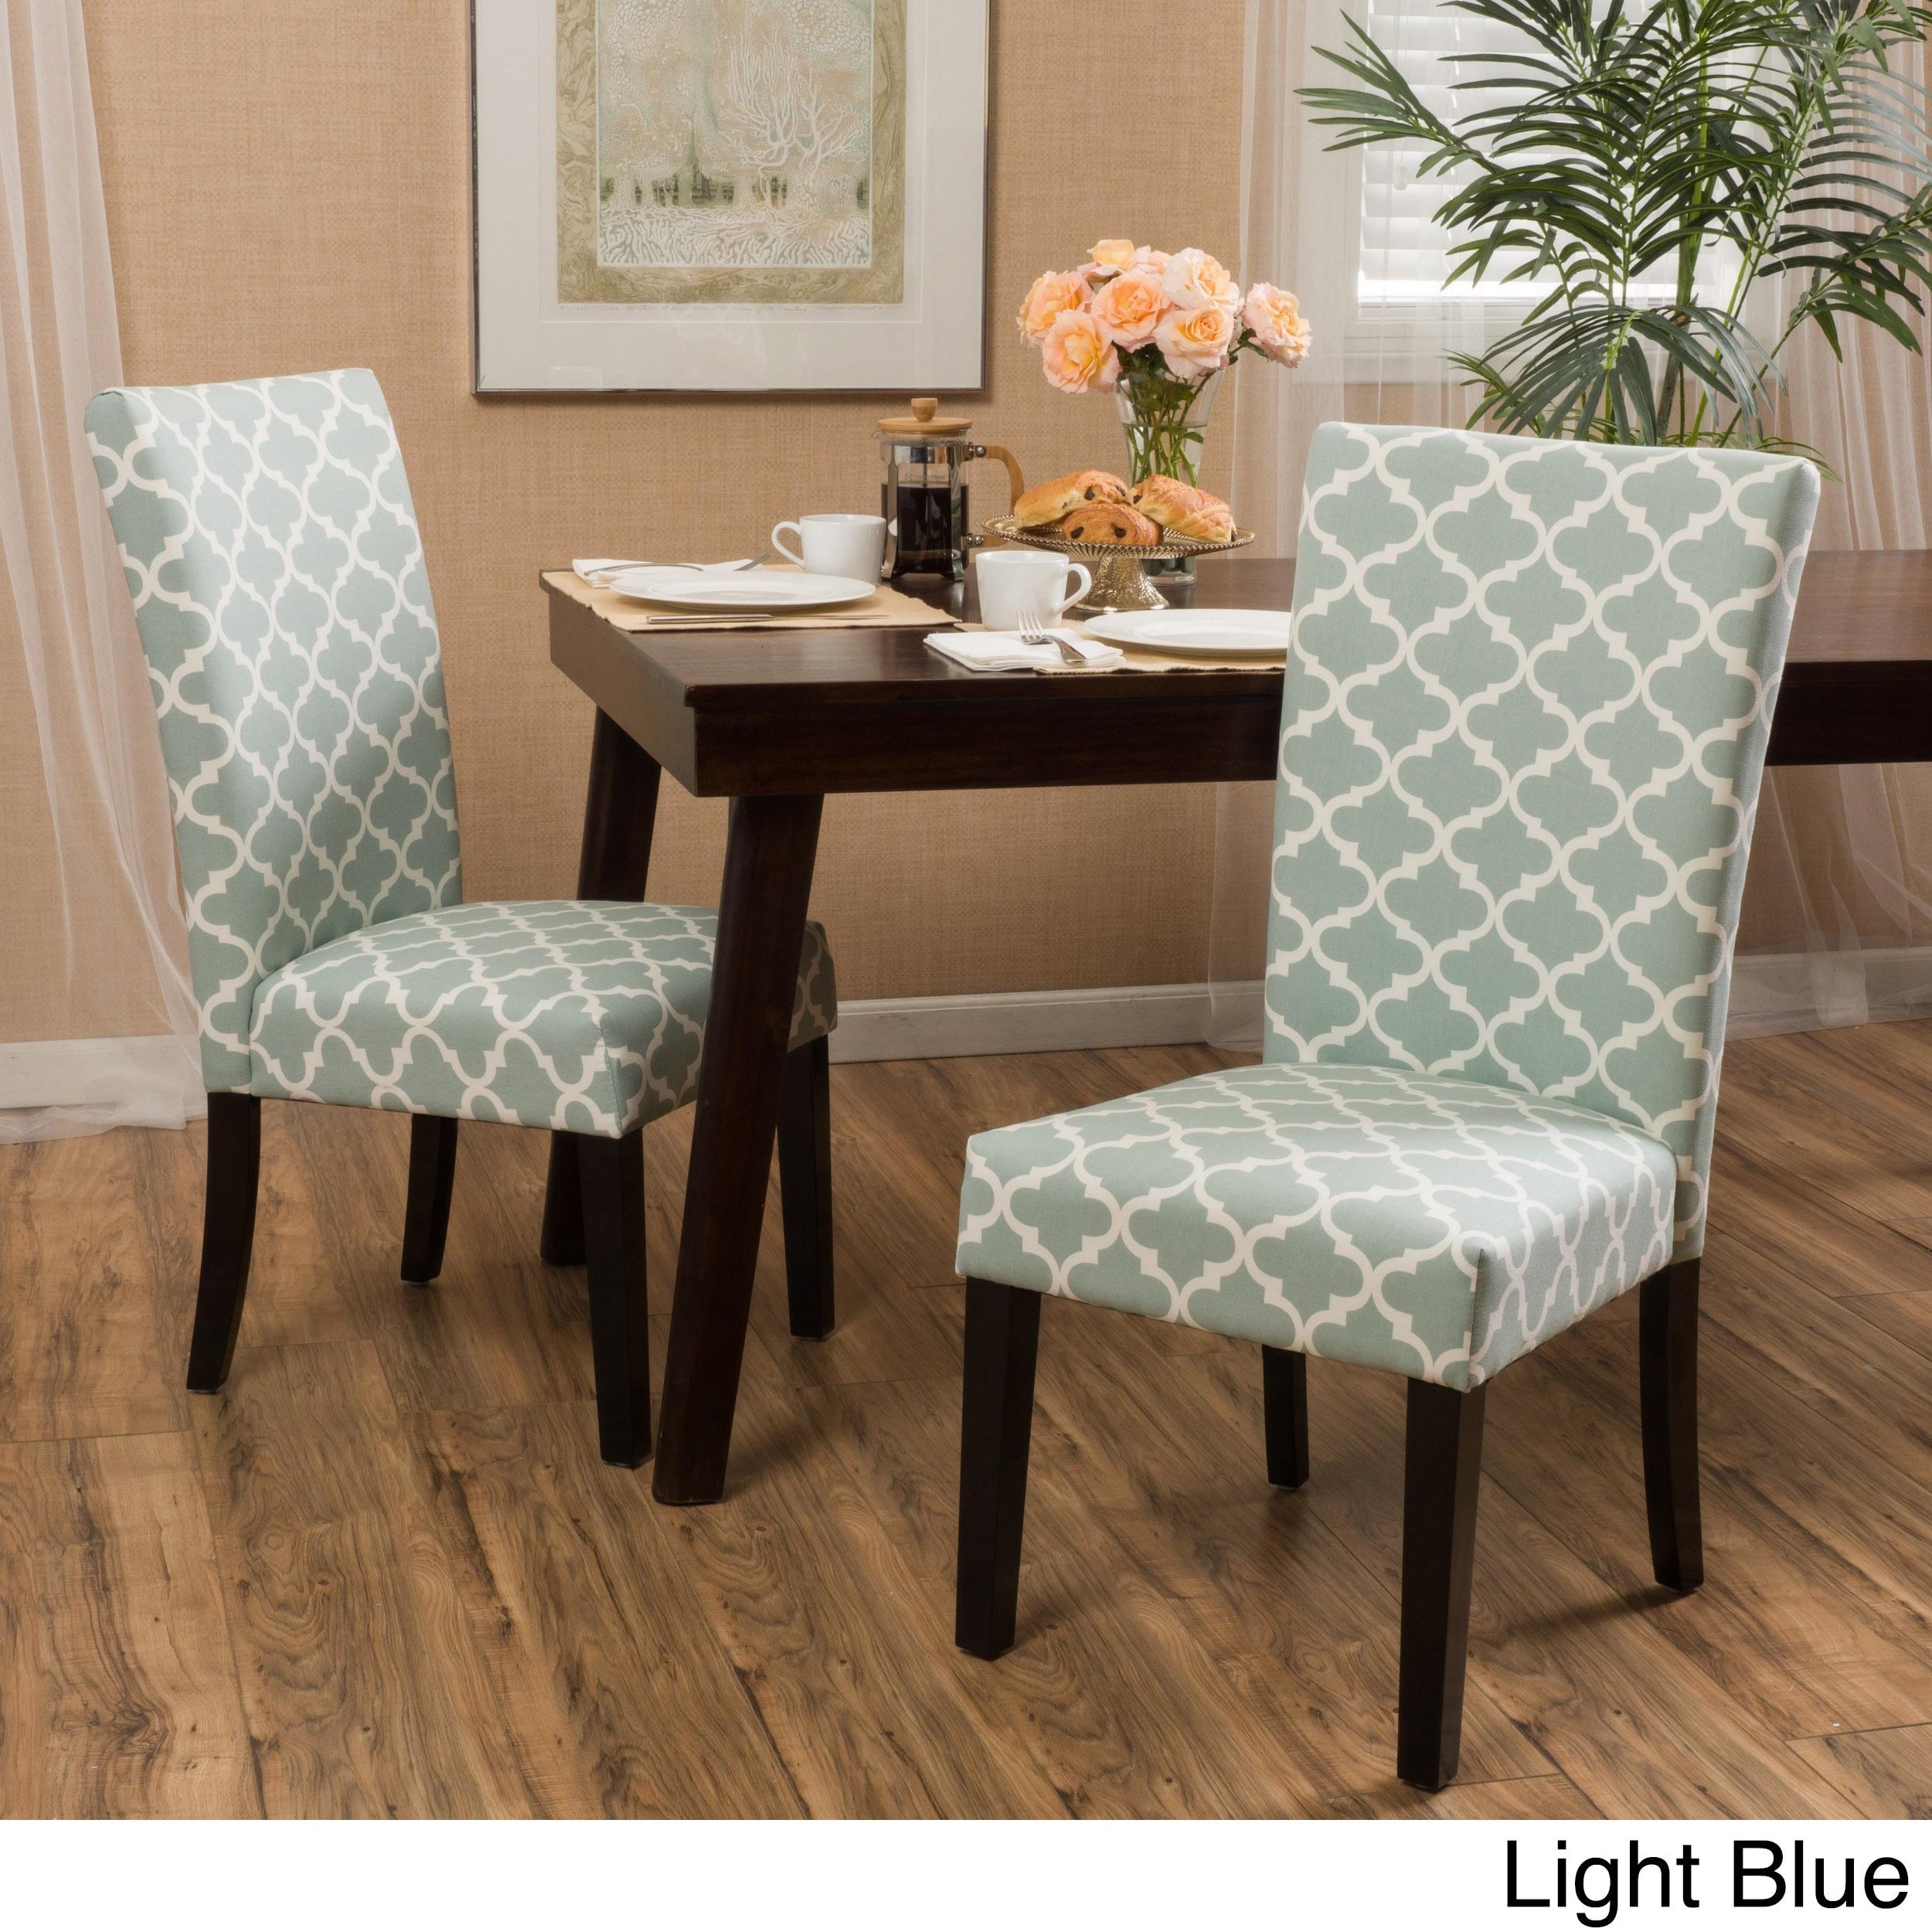 Astonishing Aurora Fabric Trellis Pattern Dining Chair Set Of 2 Inzonedesignstudio Interior Chair Design Inzonedesignstudiocom